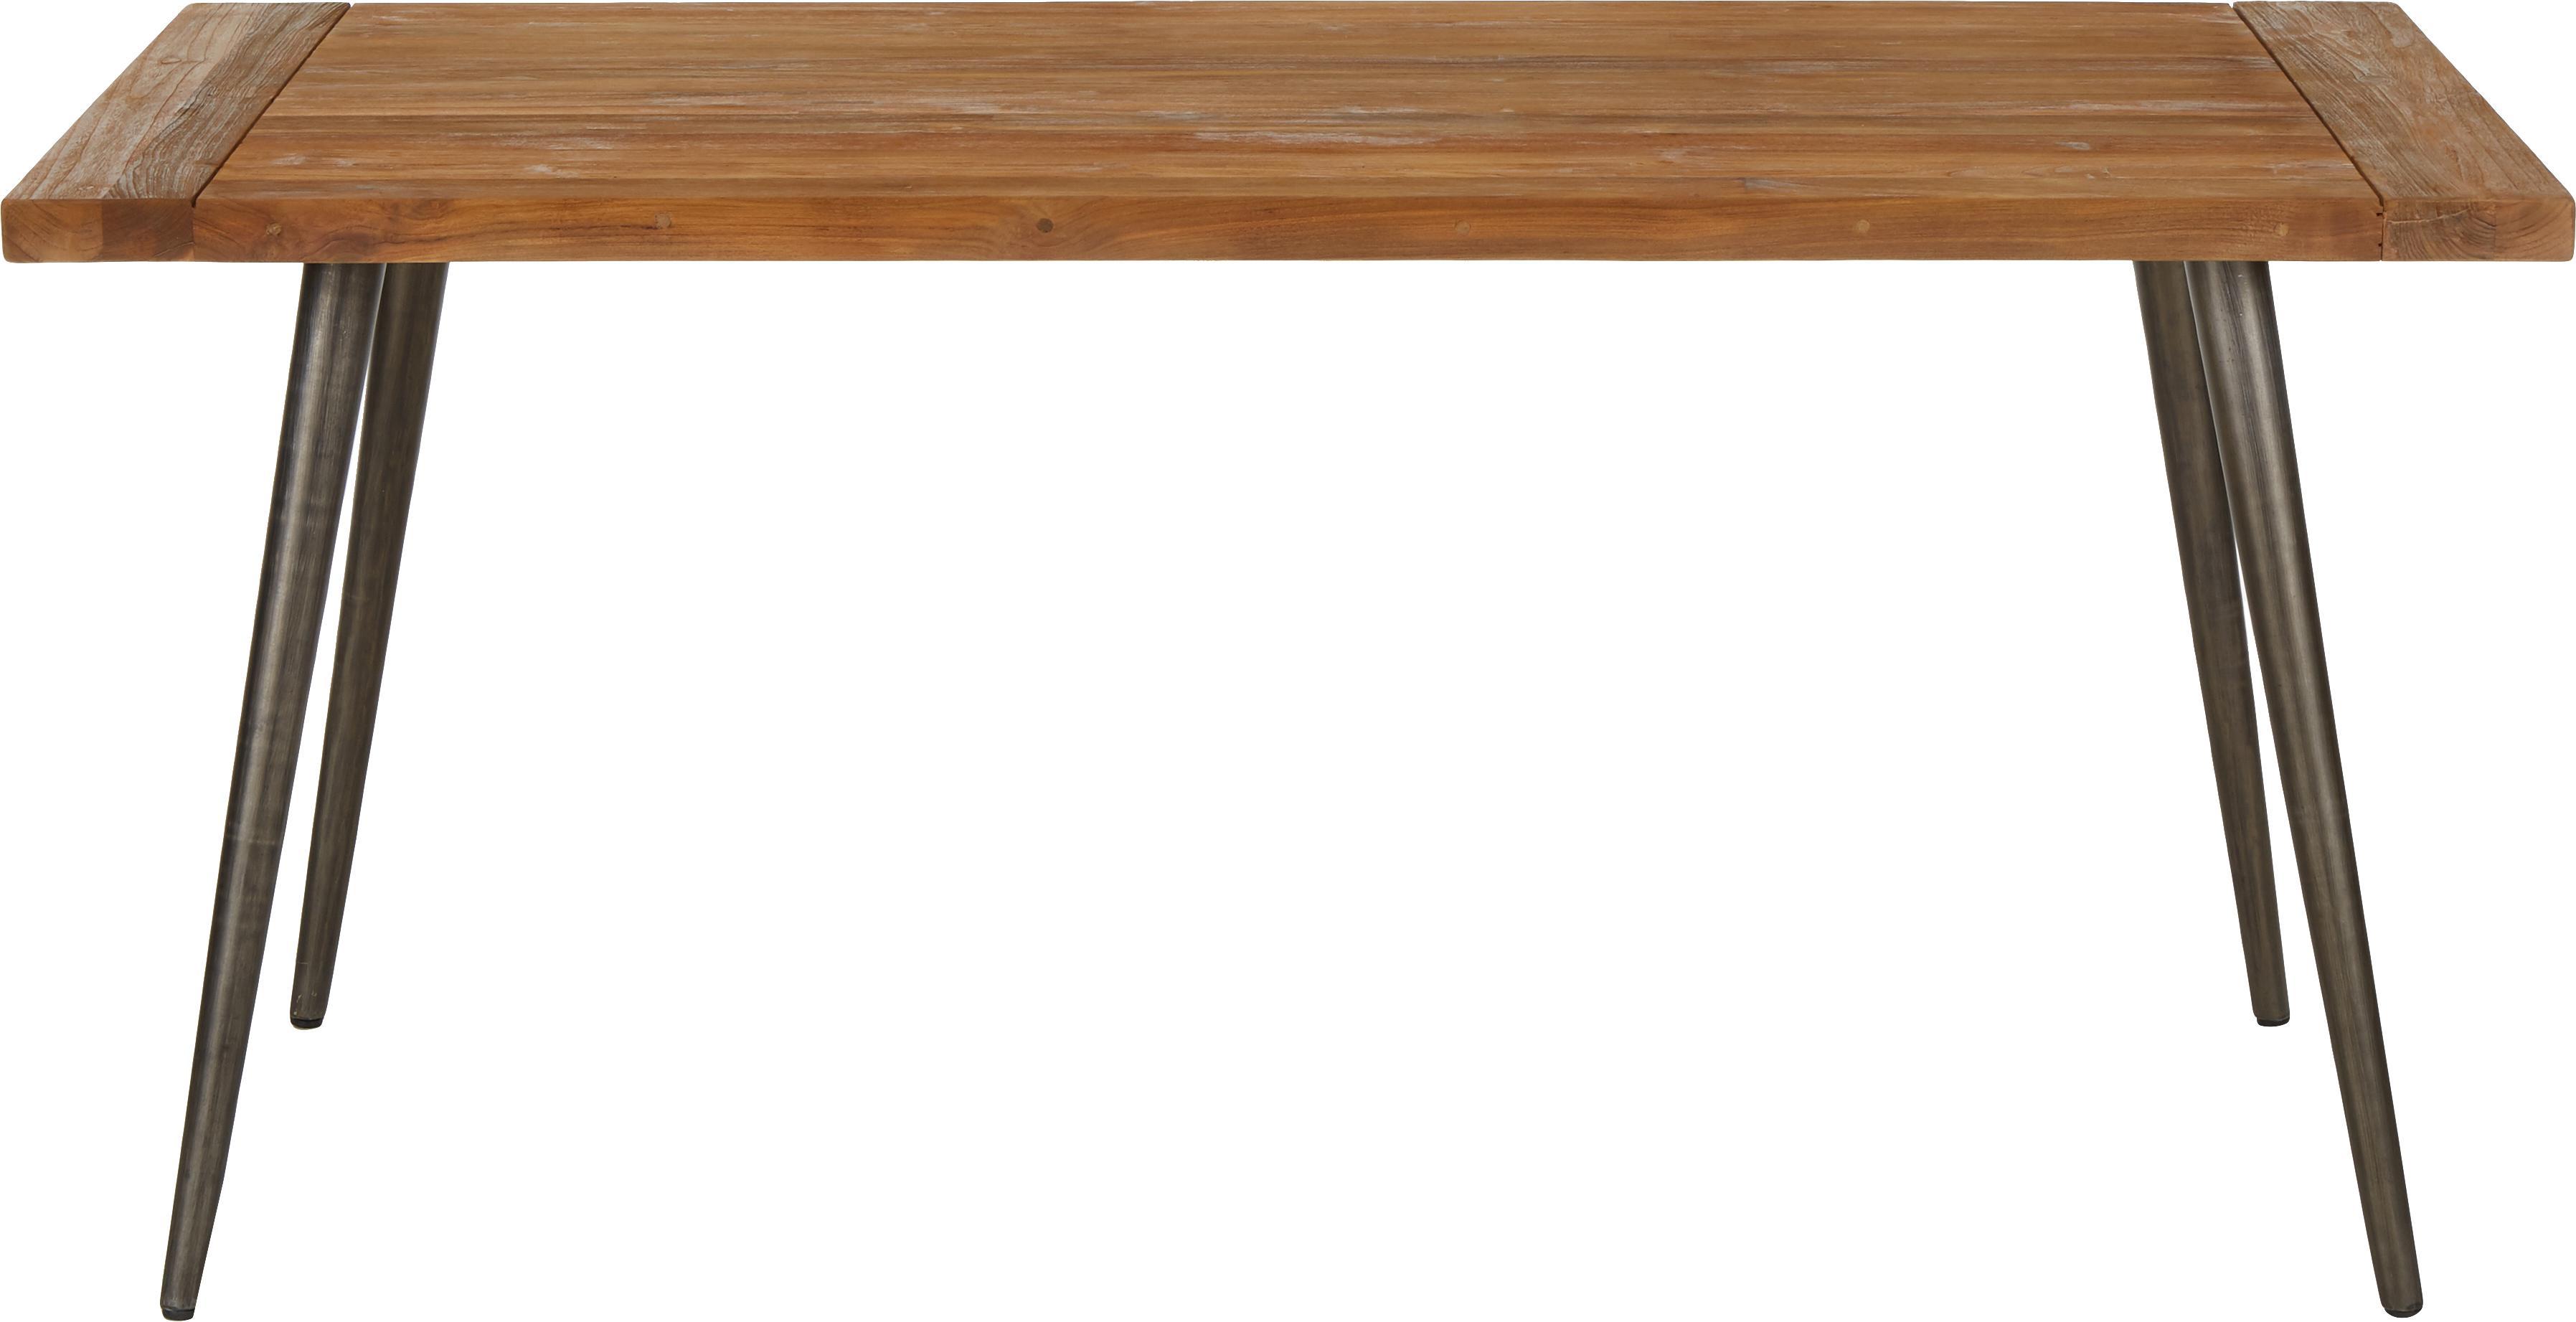 Esstisch Kapal mit Massivholzplatte, Tischplatte: 4 cm starkes, recyceltes , Beine: Stahl mit metallischen Ge, Teakholz, B 200 x T 90 cm